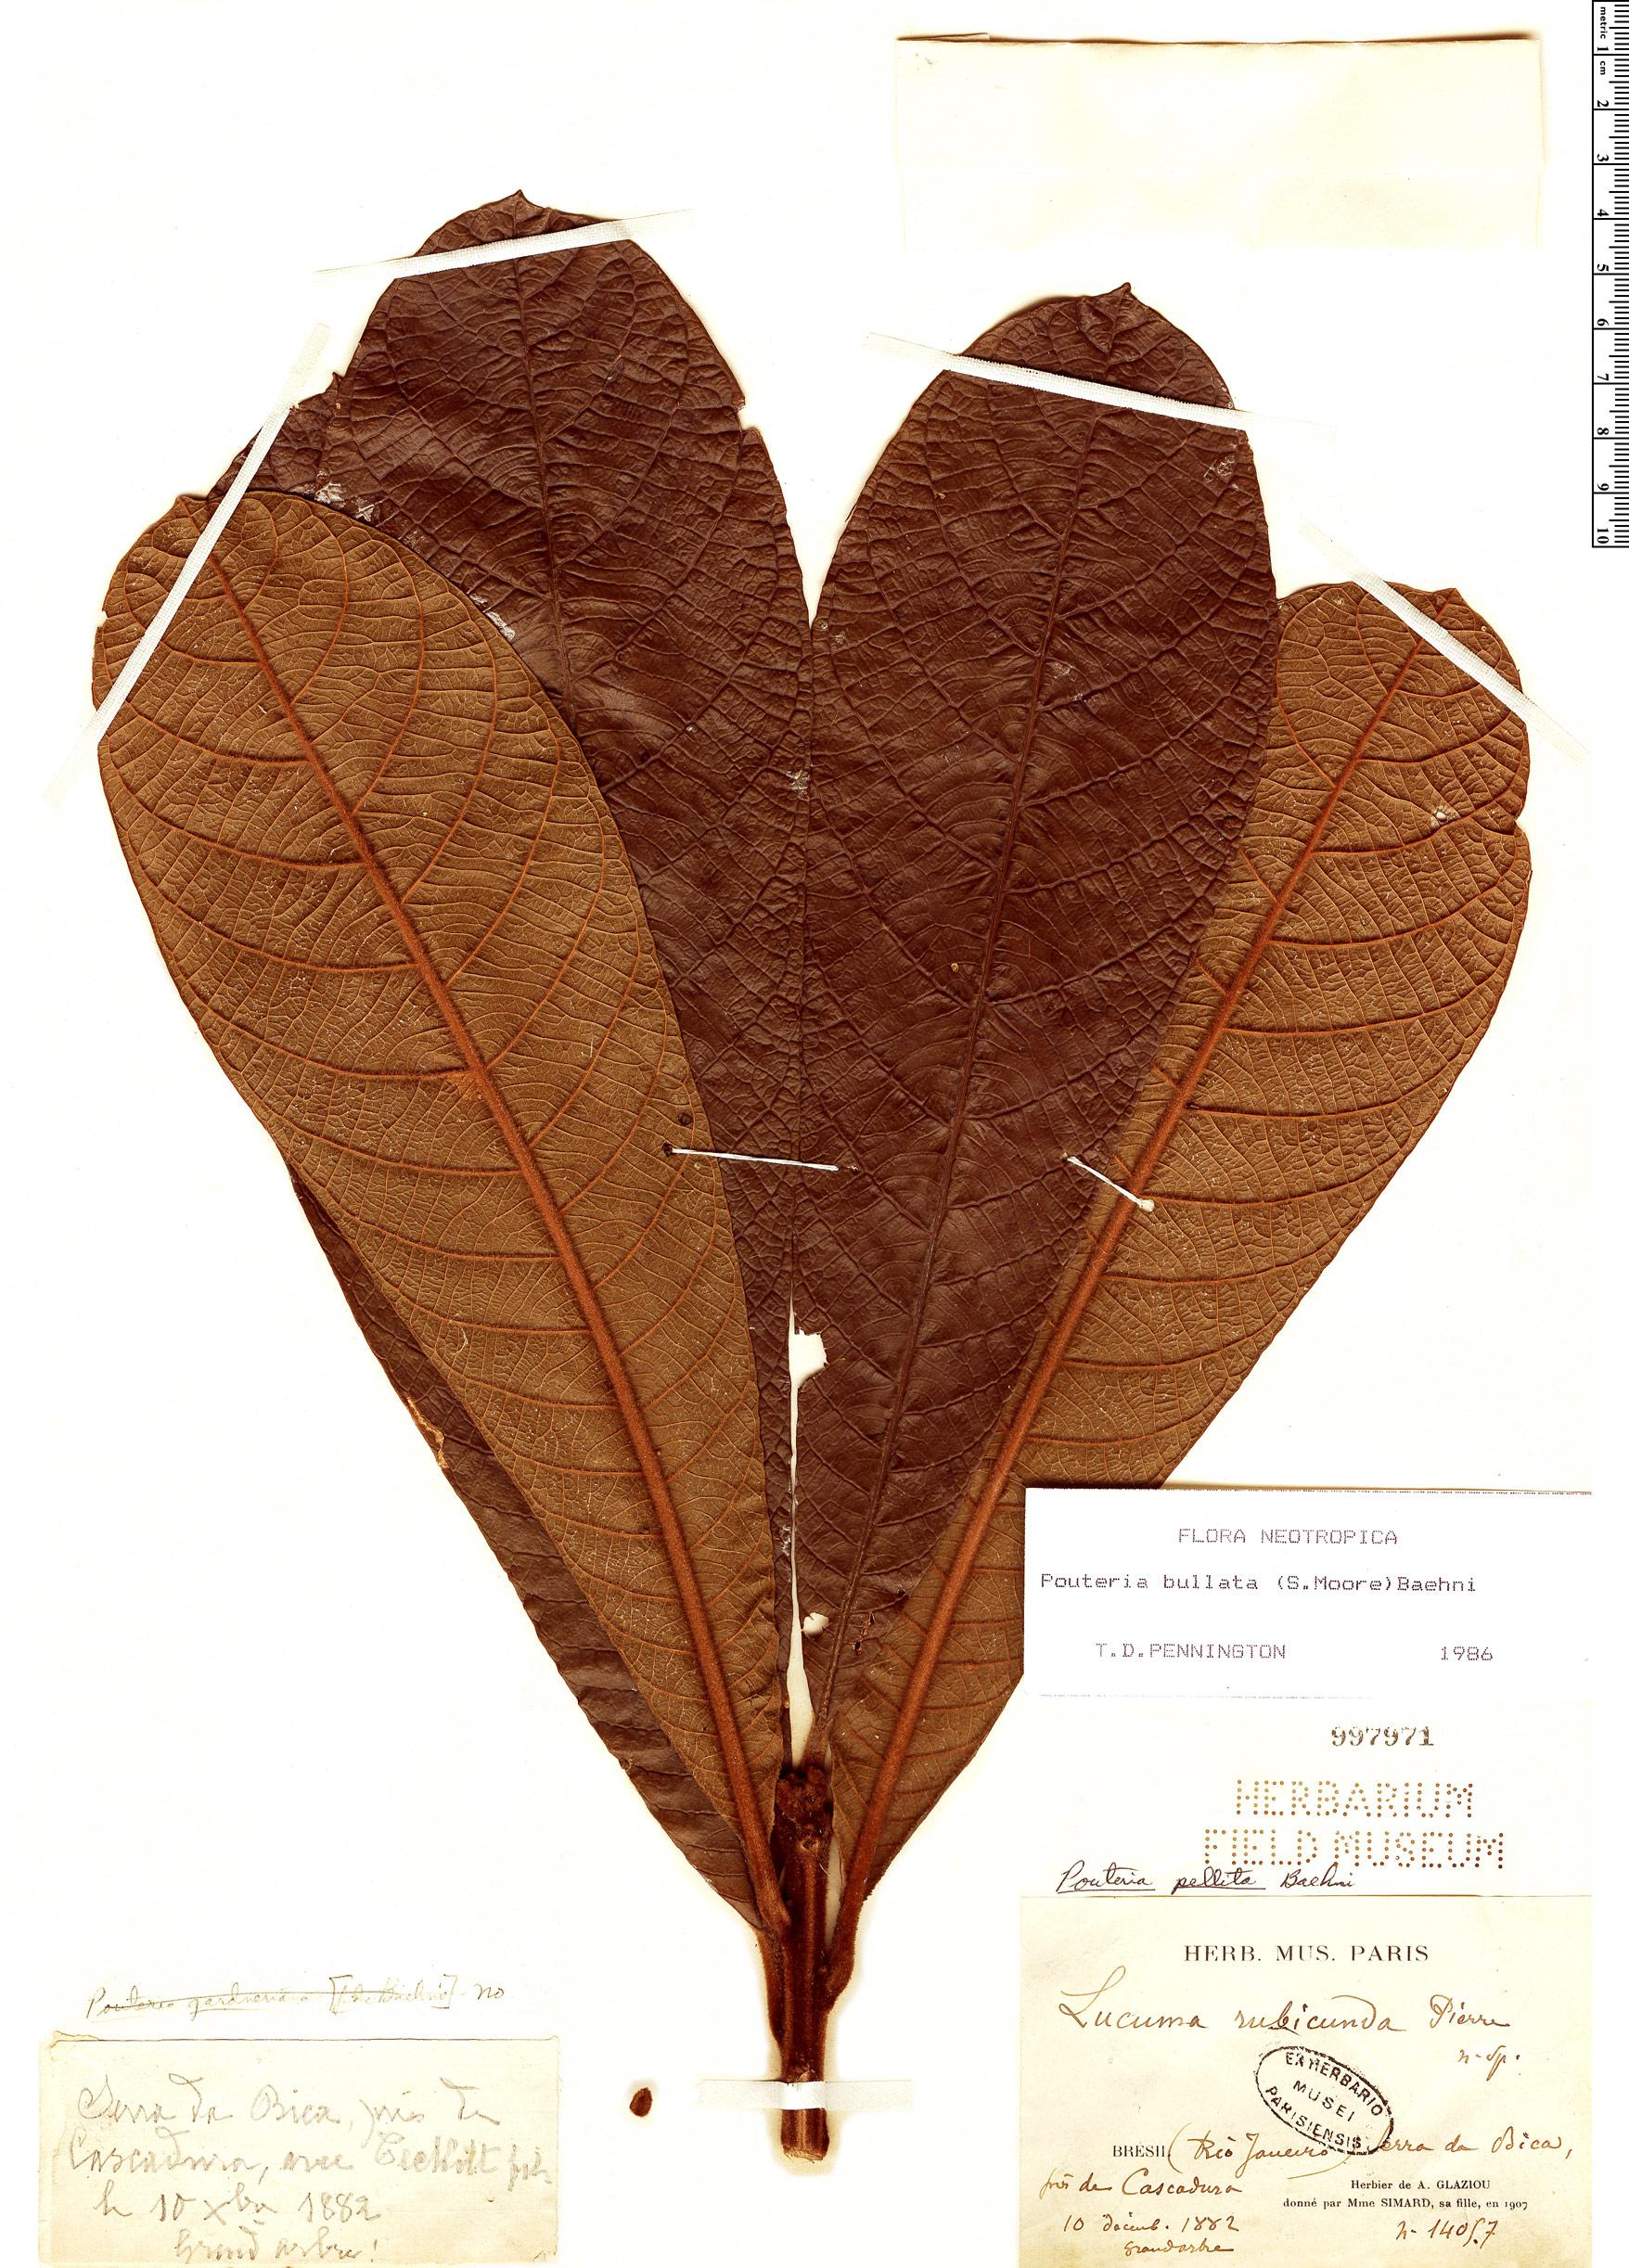 Specimen: Pouteria bullata